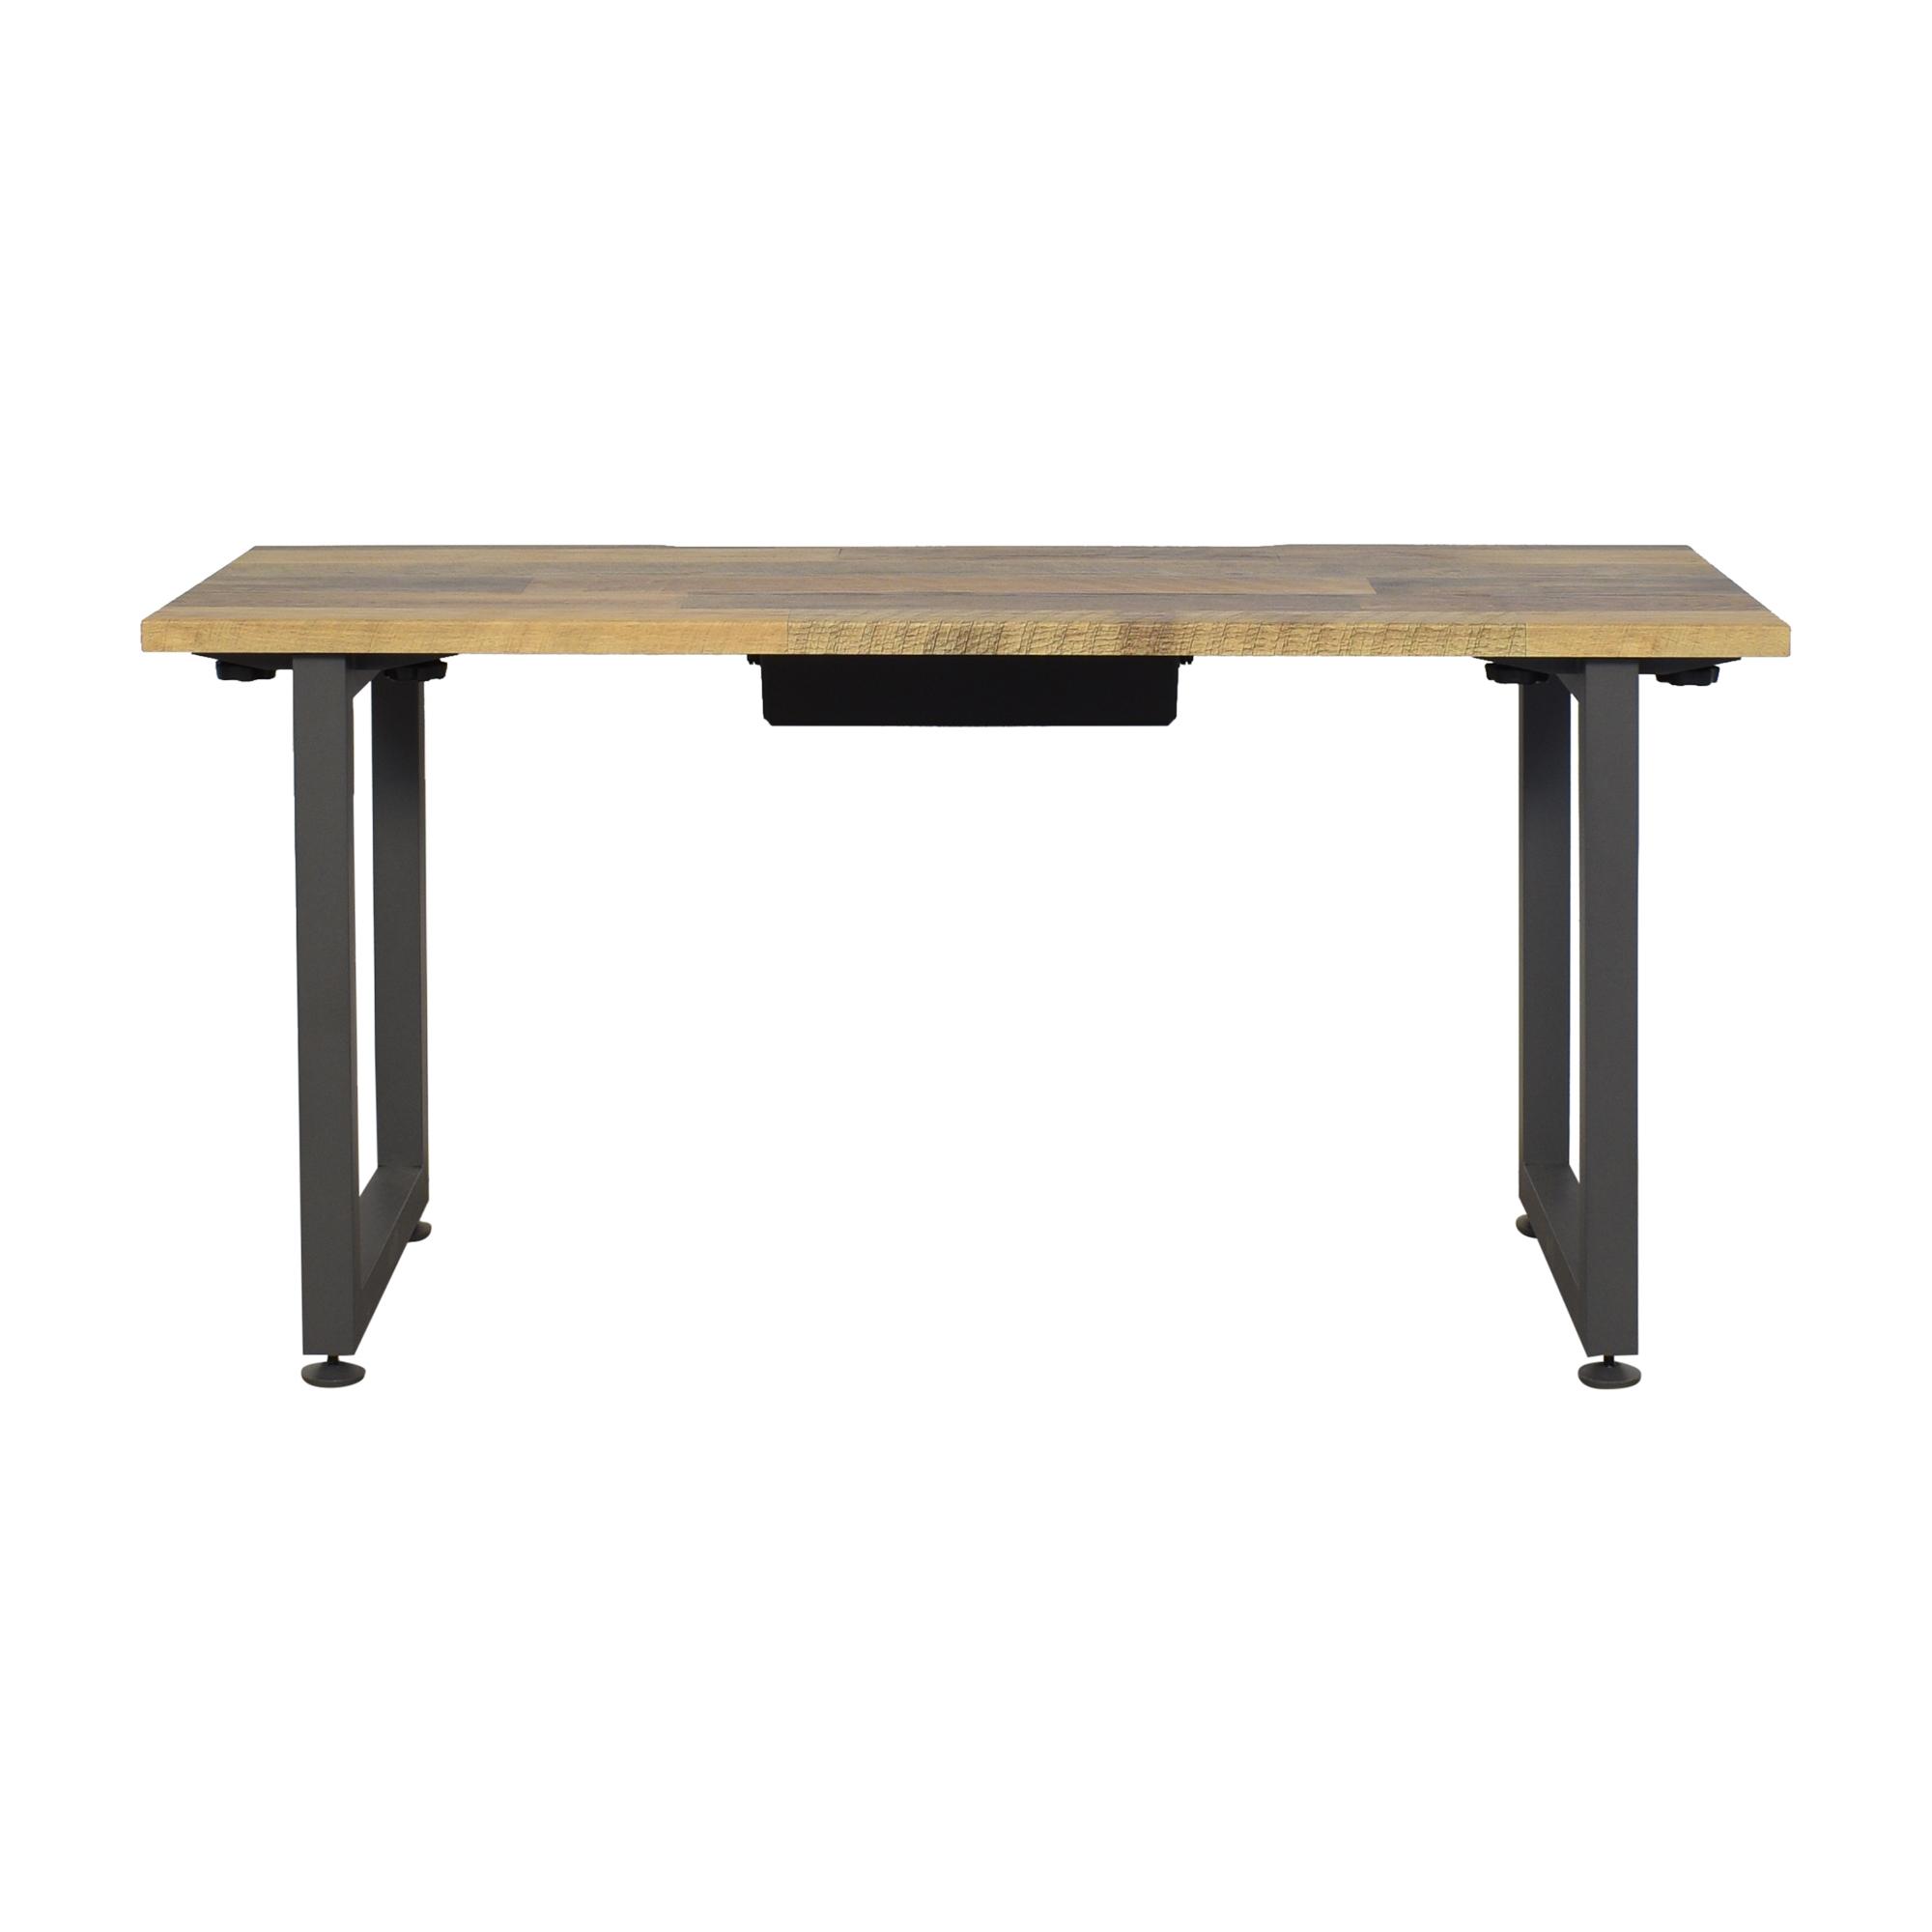 Varidesk Varidesk QuickPro Desk nyc